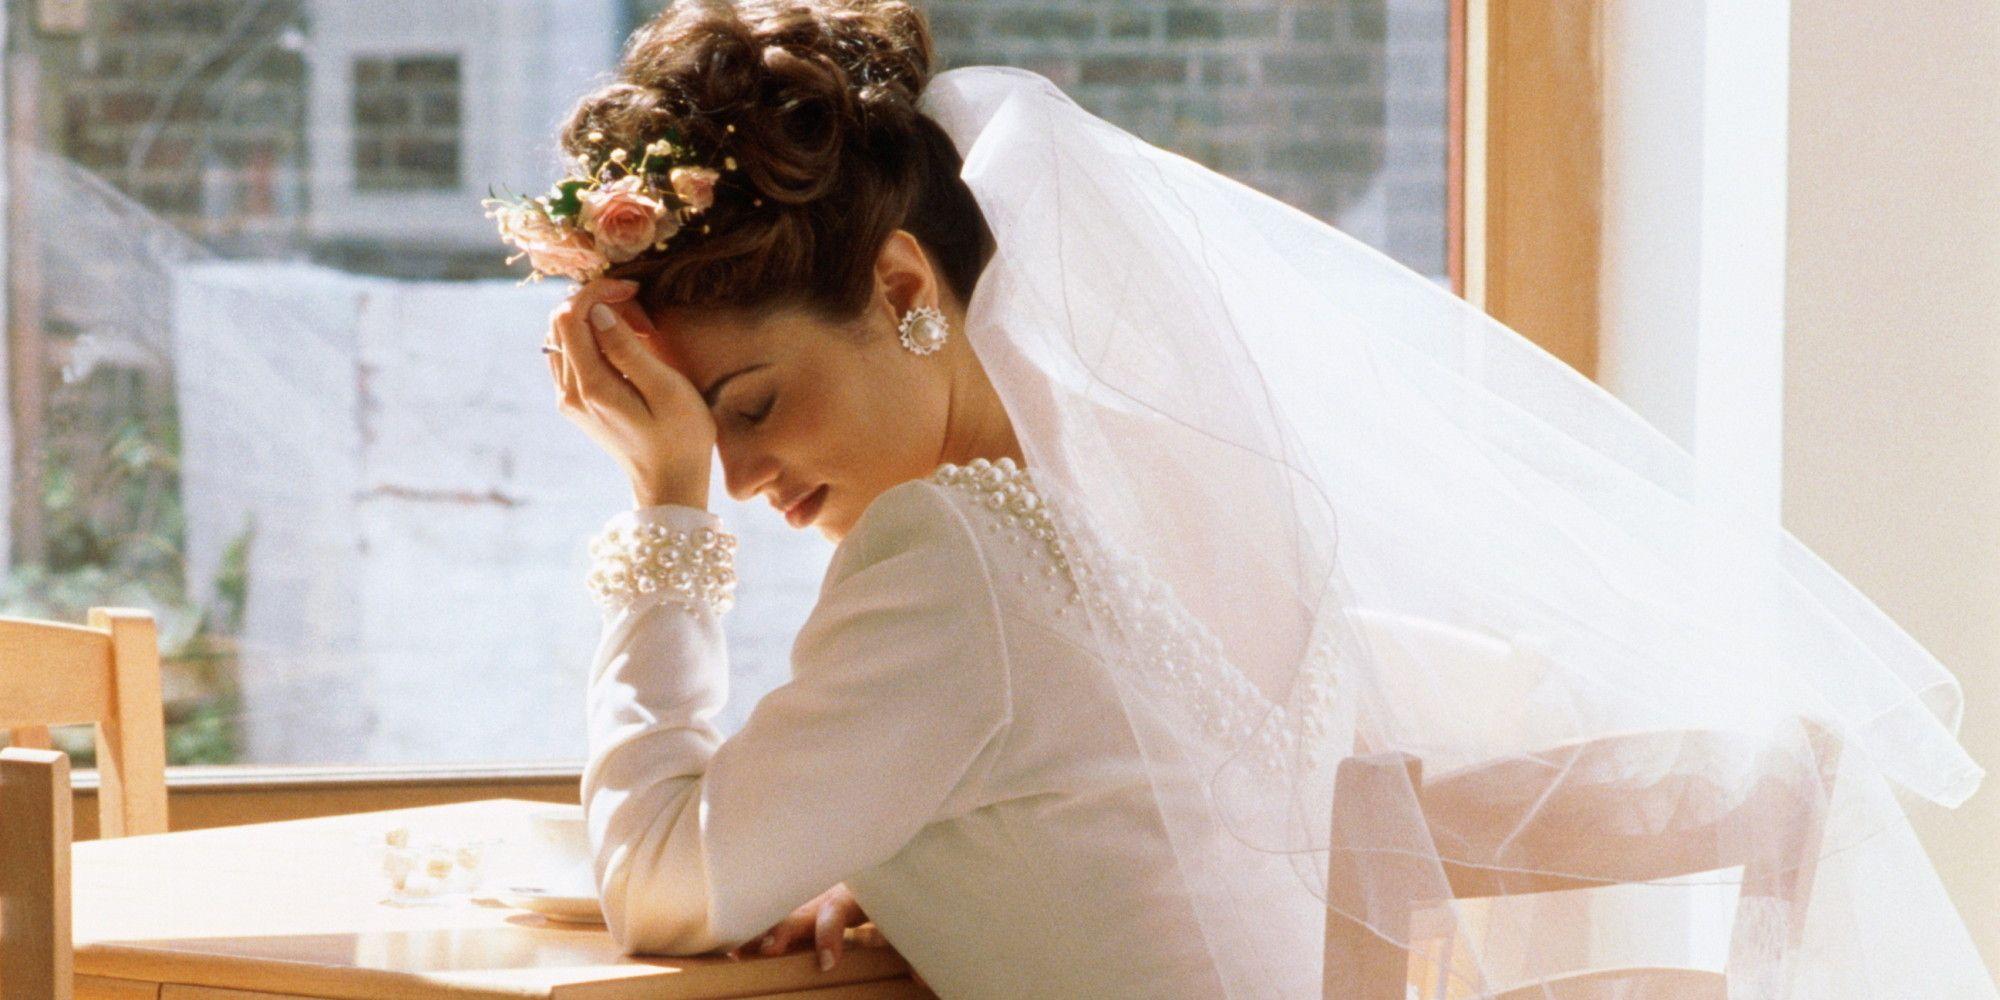 Картинка чтоб выйти замуж